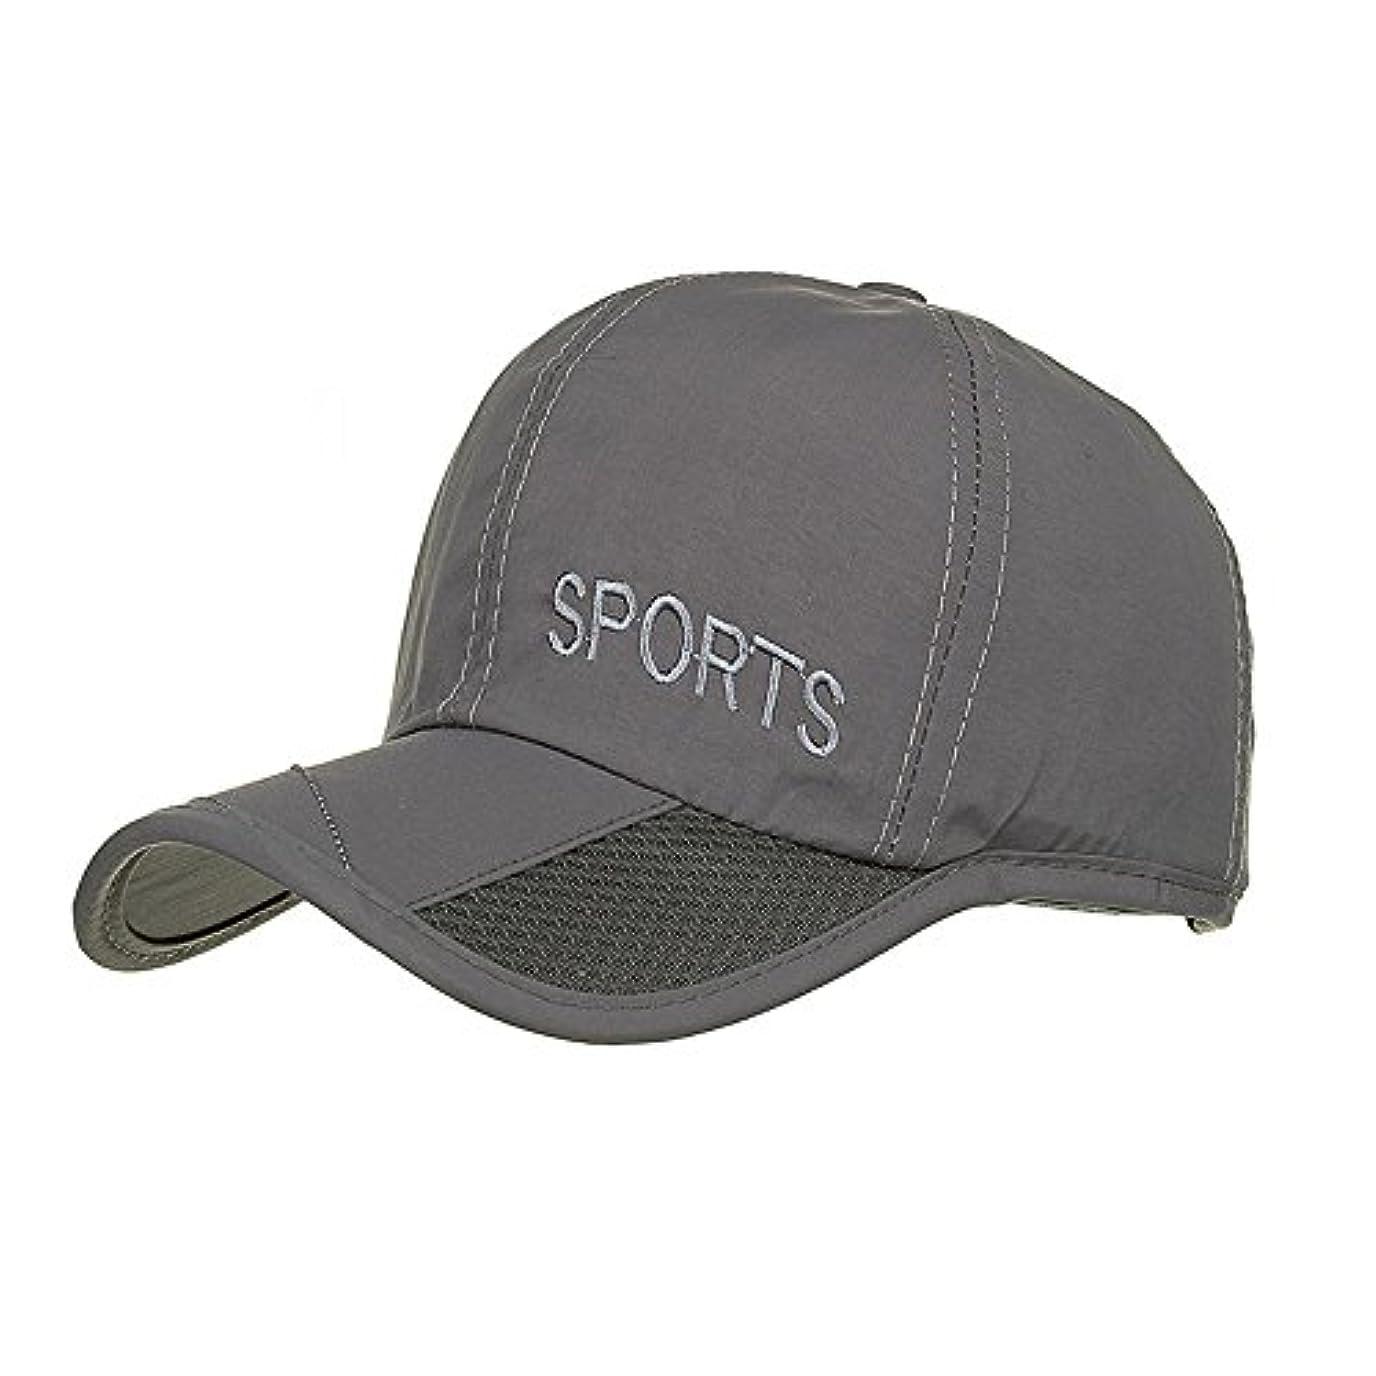 パラナ川反逆いらいらするRacazing Cap 男女兼用 野球帽 夏 登山 通気性のある メッシュ 帽子 ベルクロ 可調整可能 刺繍 棒球帽 UV 帽子 軽量 屋外 Unisex Hat (グレー)